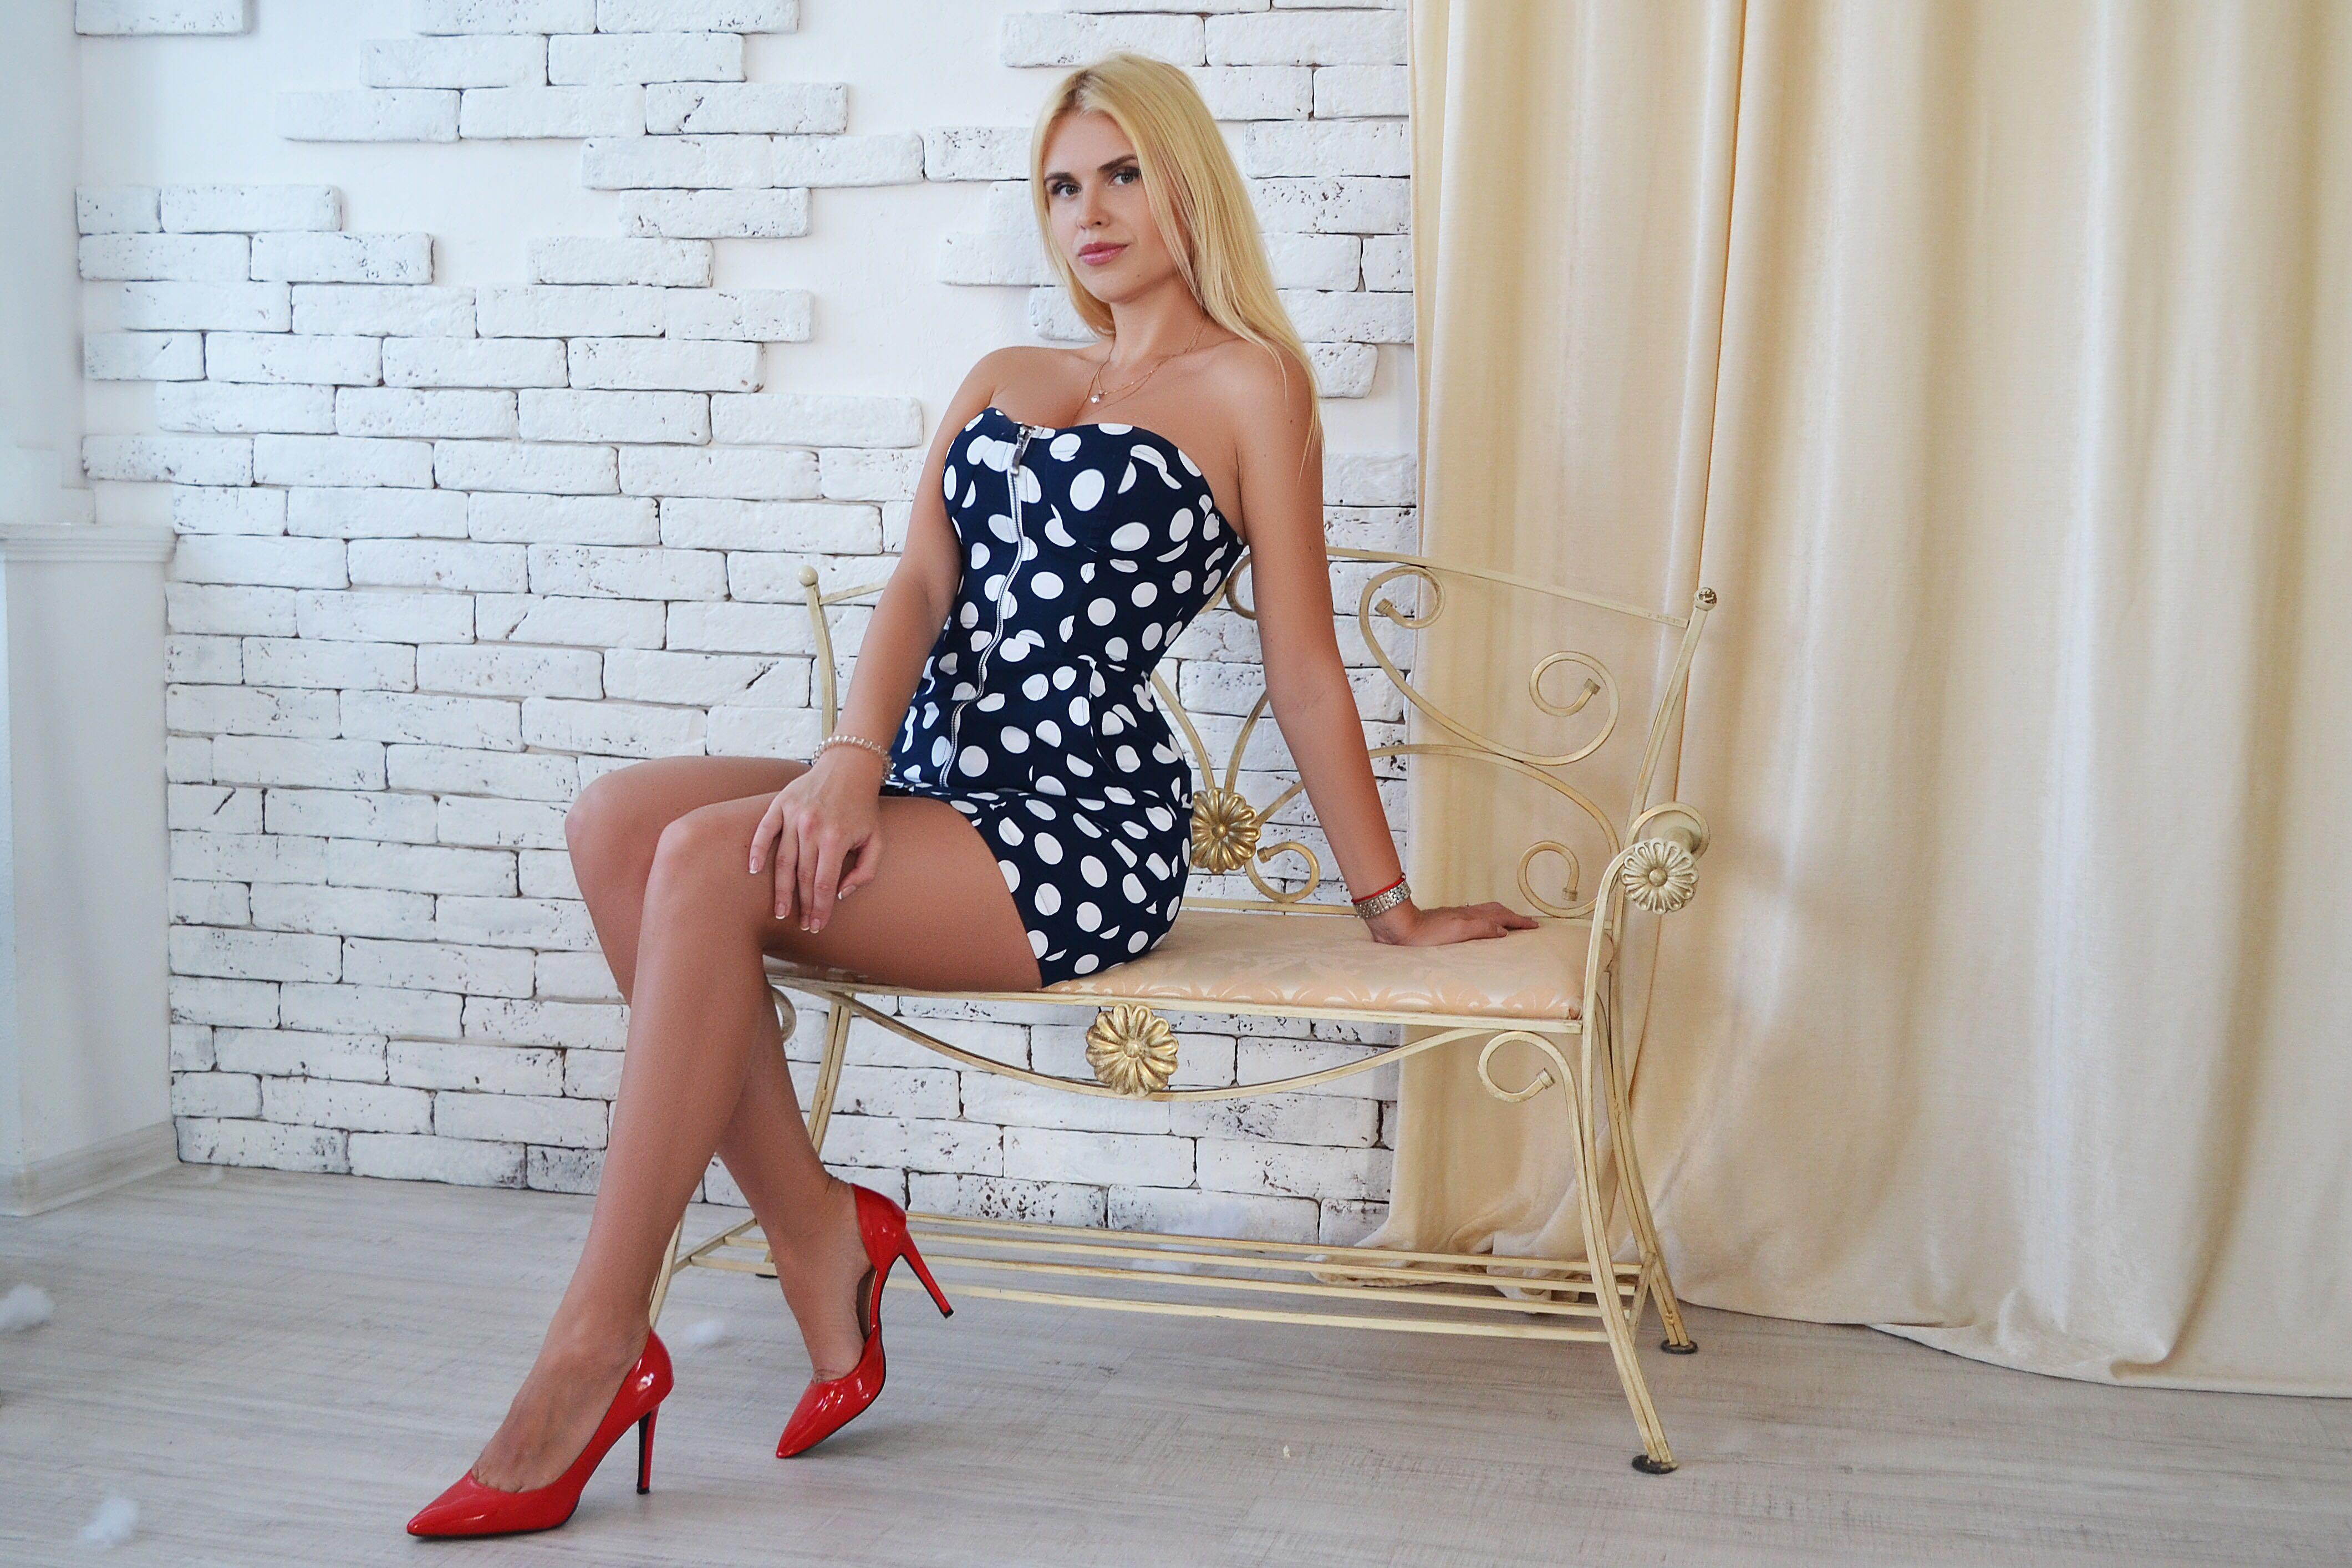 Ukrainian ladies kate 25